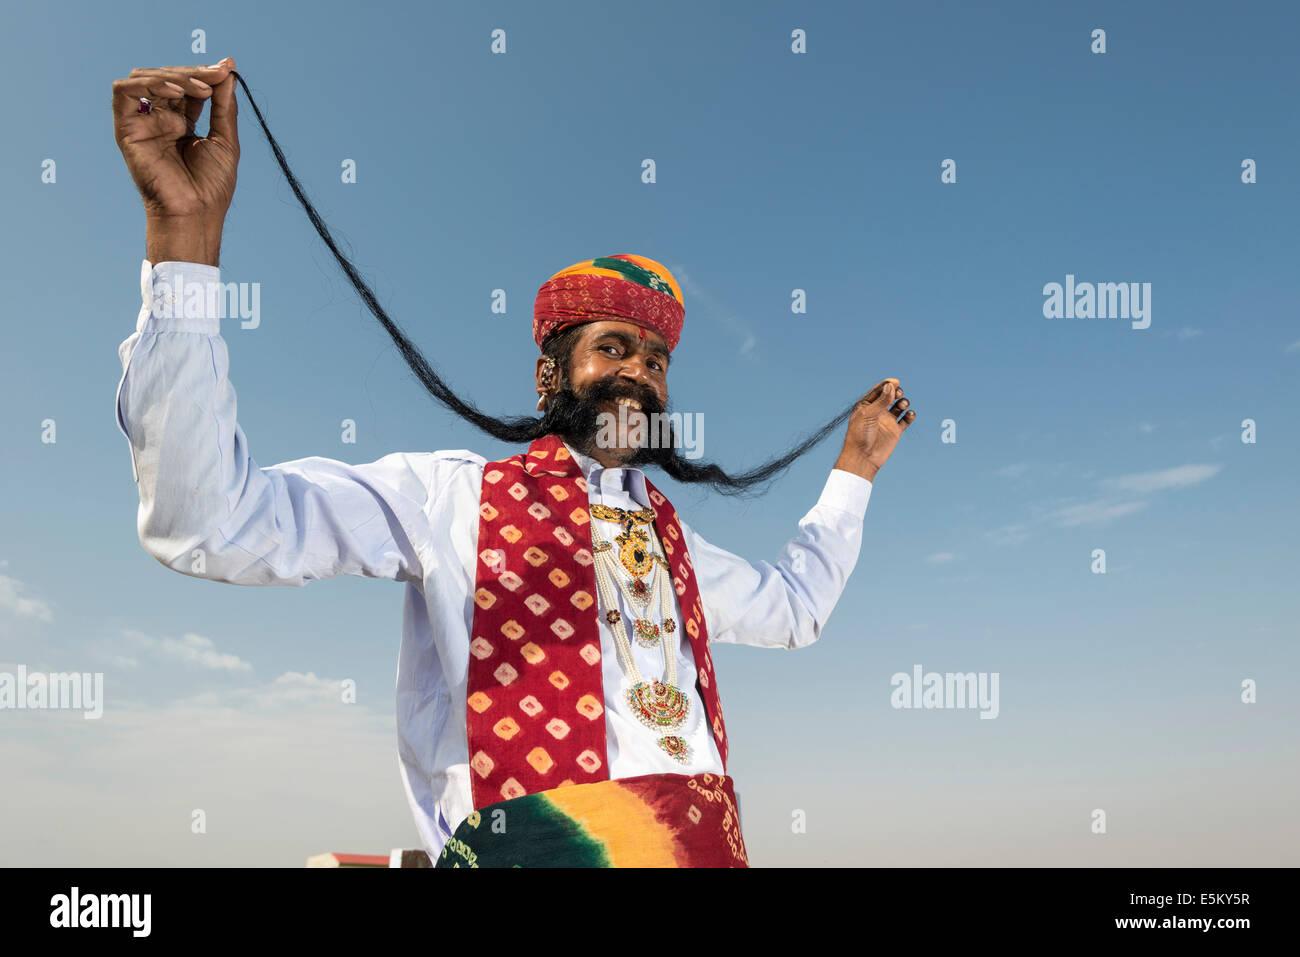 Hombre local presentando su largo bigote, Rajput, gente de Bikaner, Rajasthan, India Foto de stock